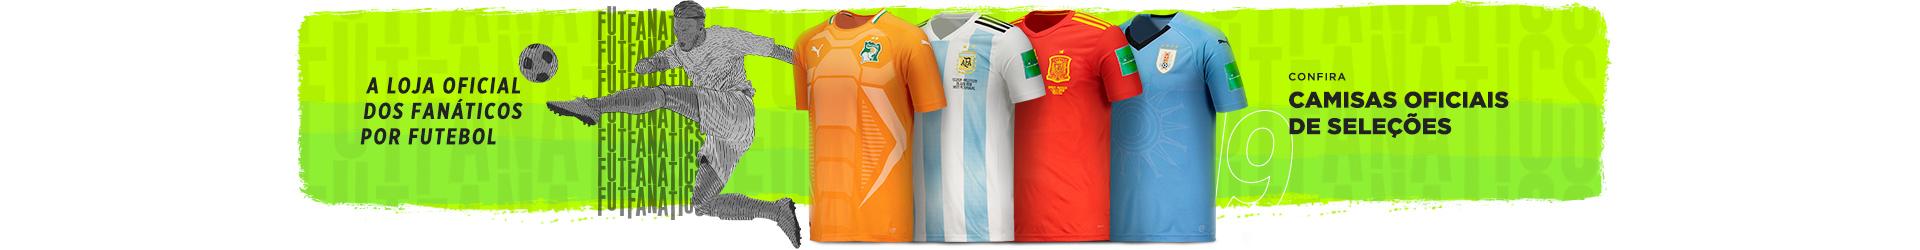 90a0a67d5 Camisas Oficiais de Futebol da Seleção da Polônia - FutFanatics